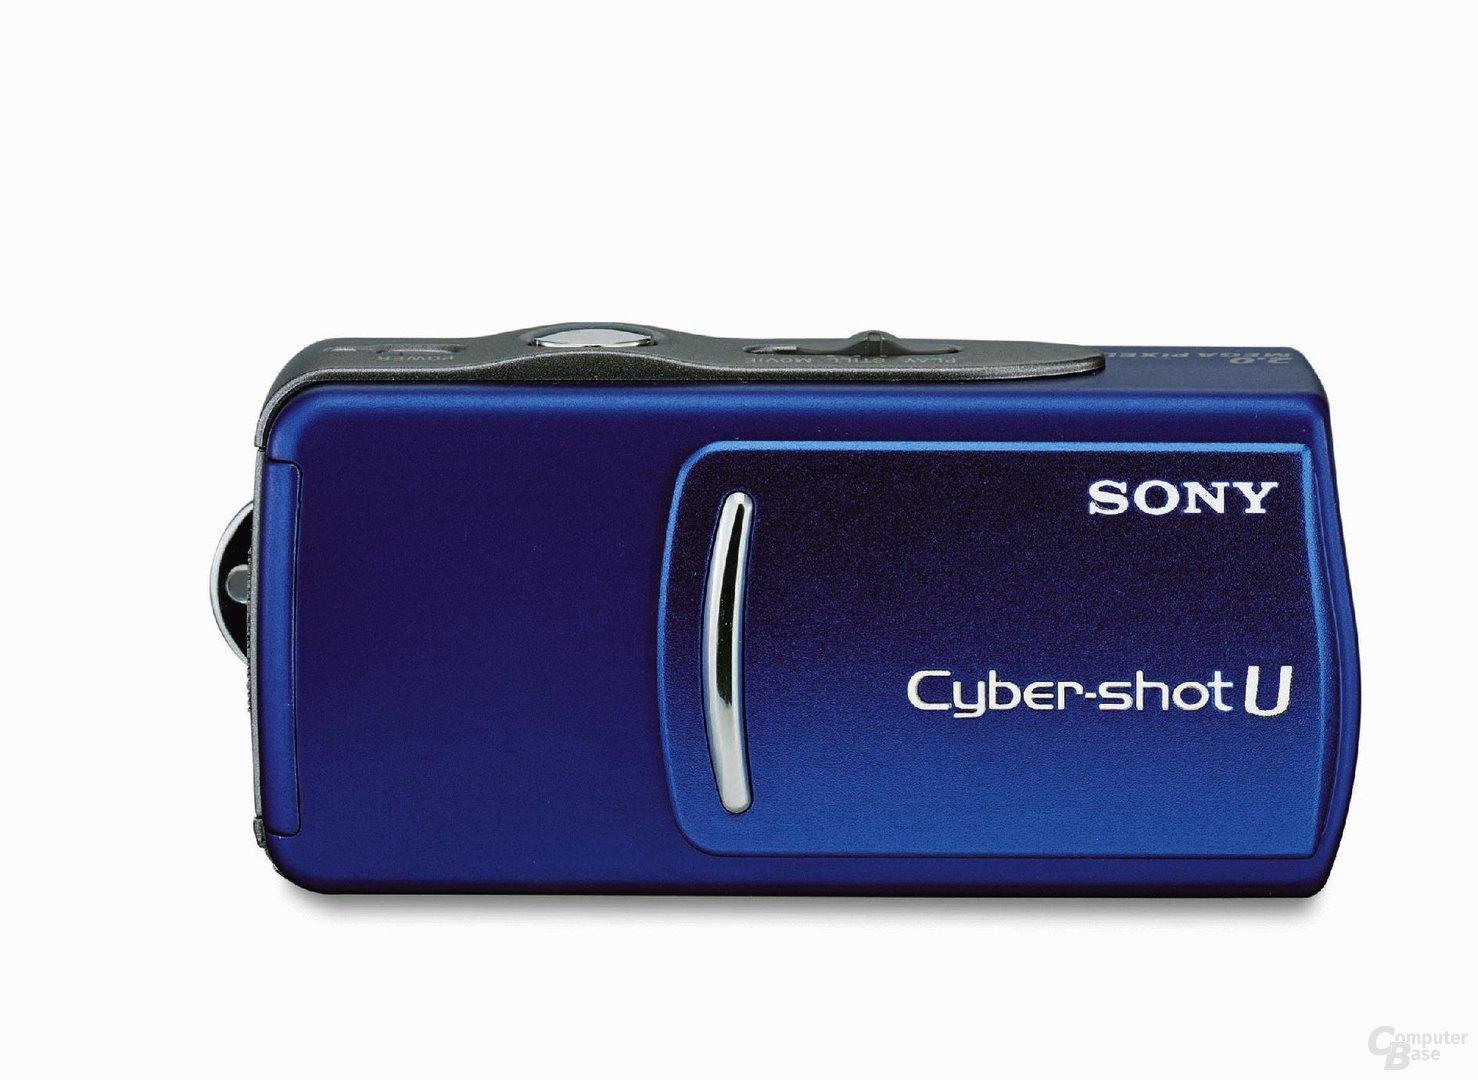 Sony Cybershot U in Blau